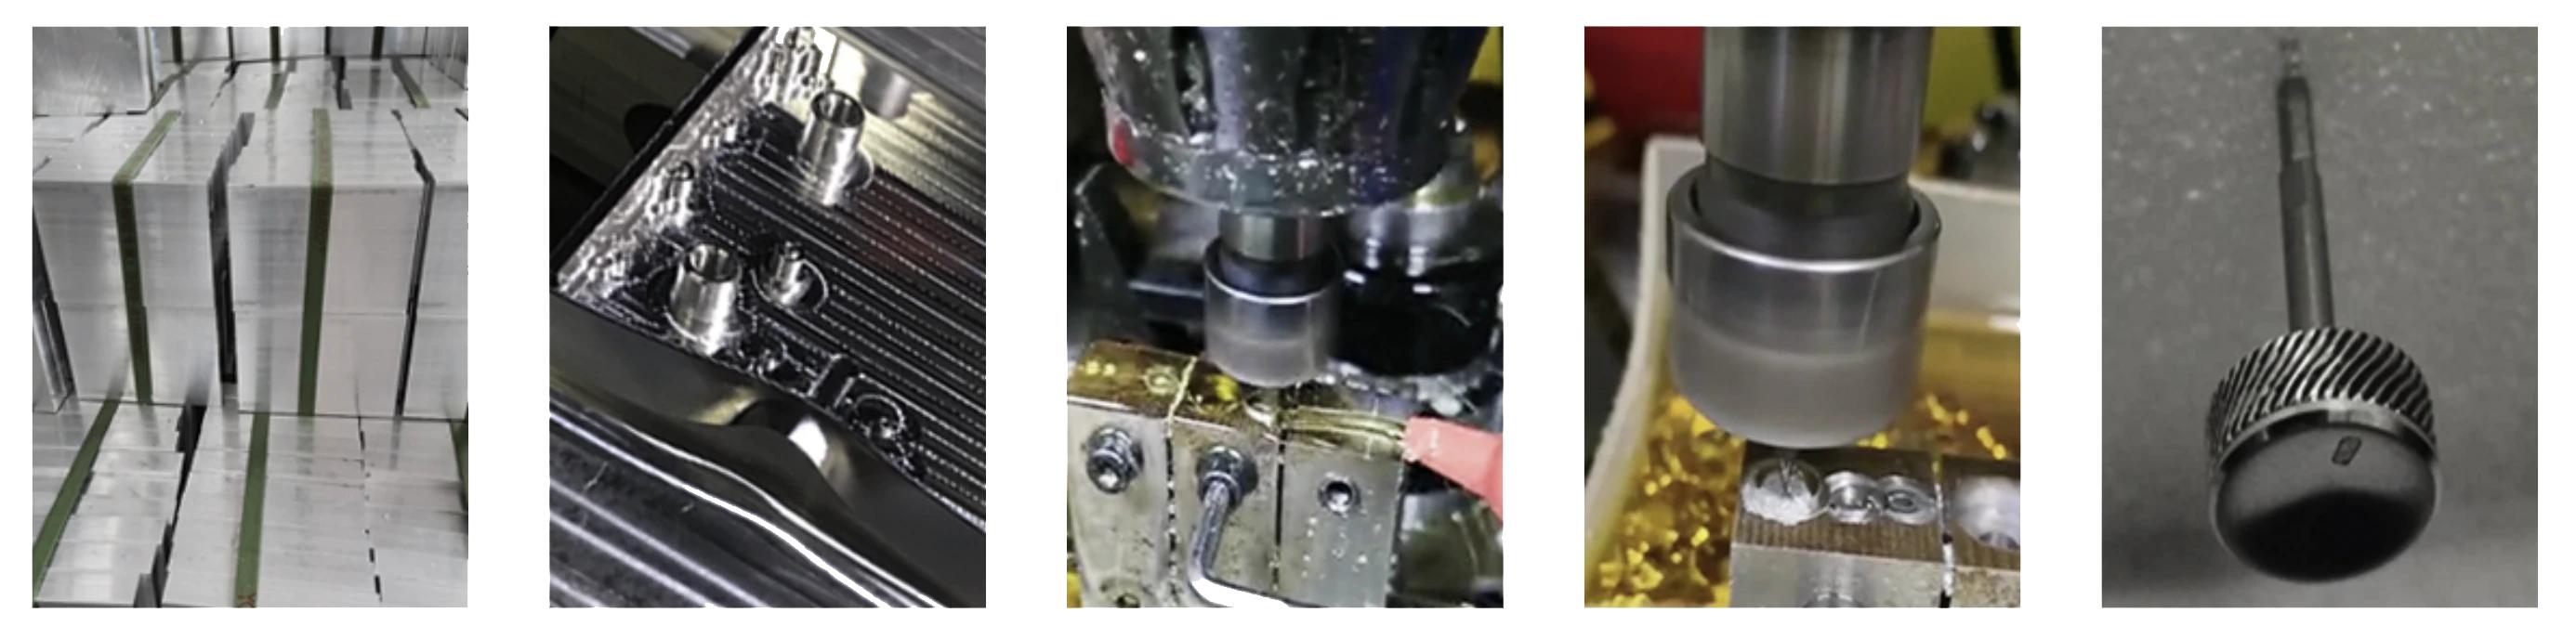 A&futura SE200 Manufacturing Process